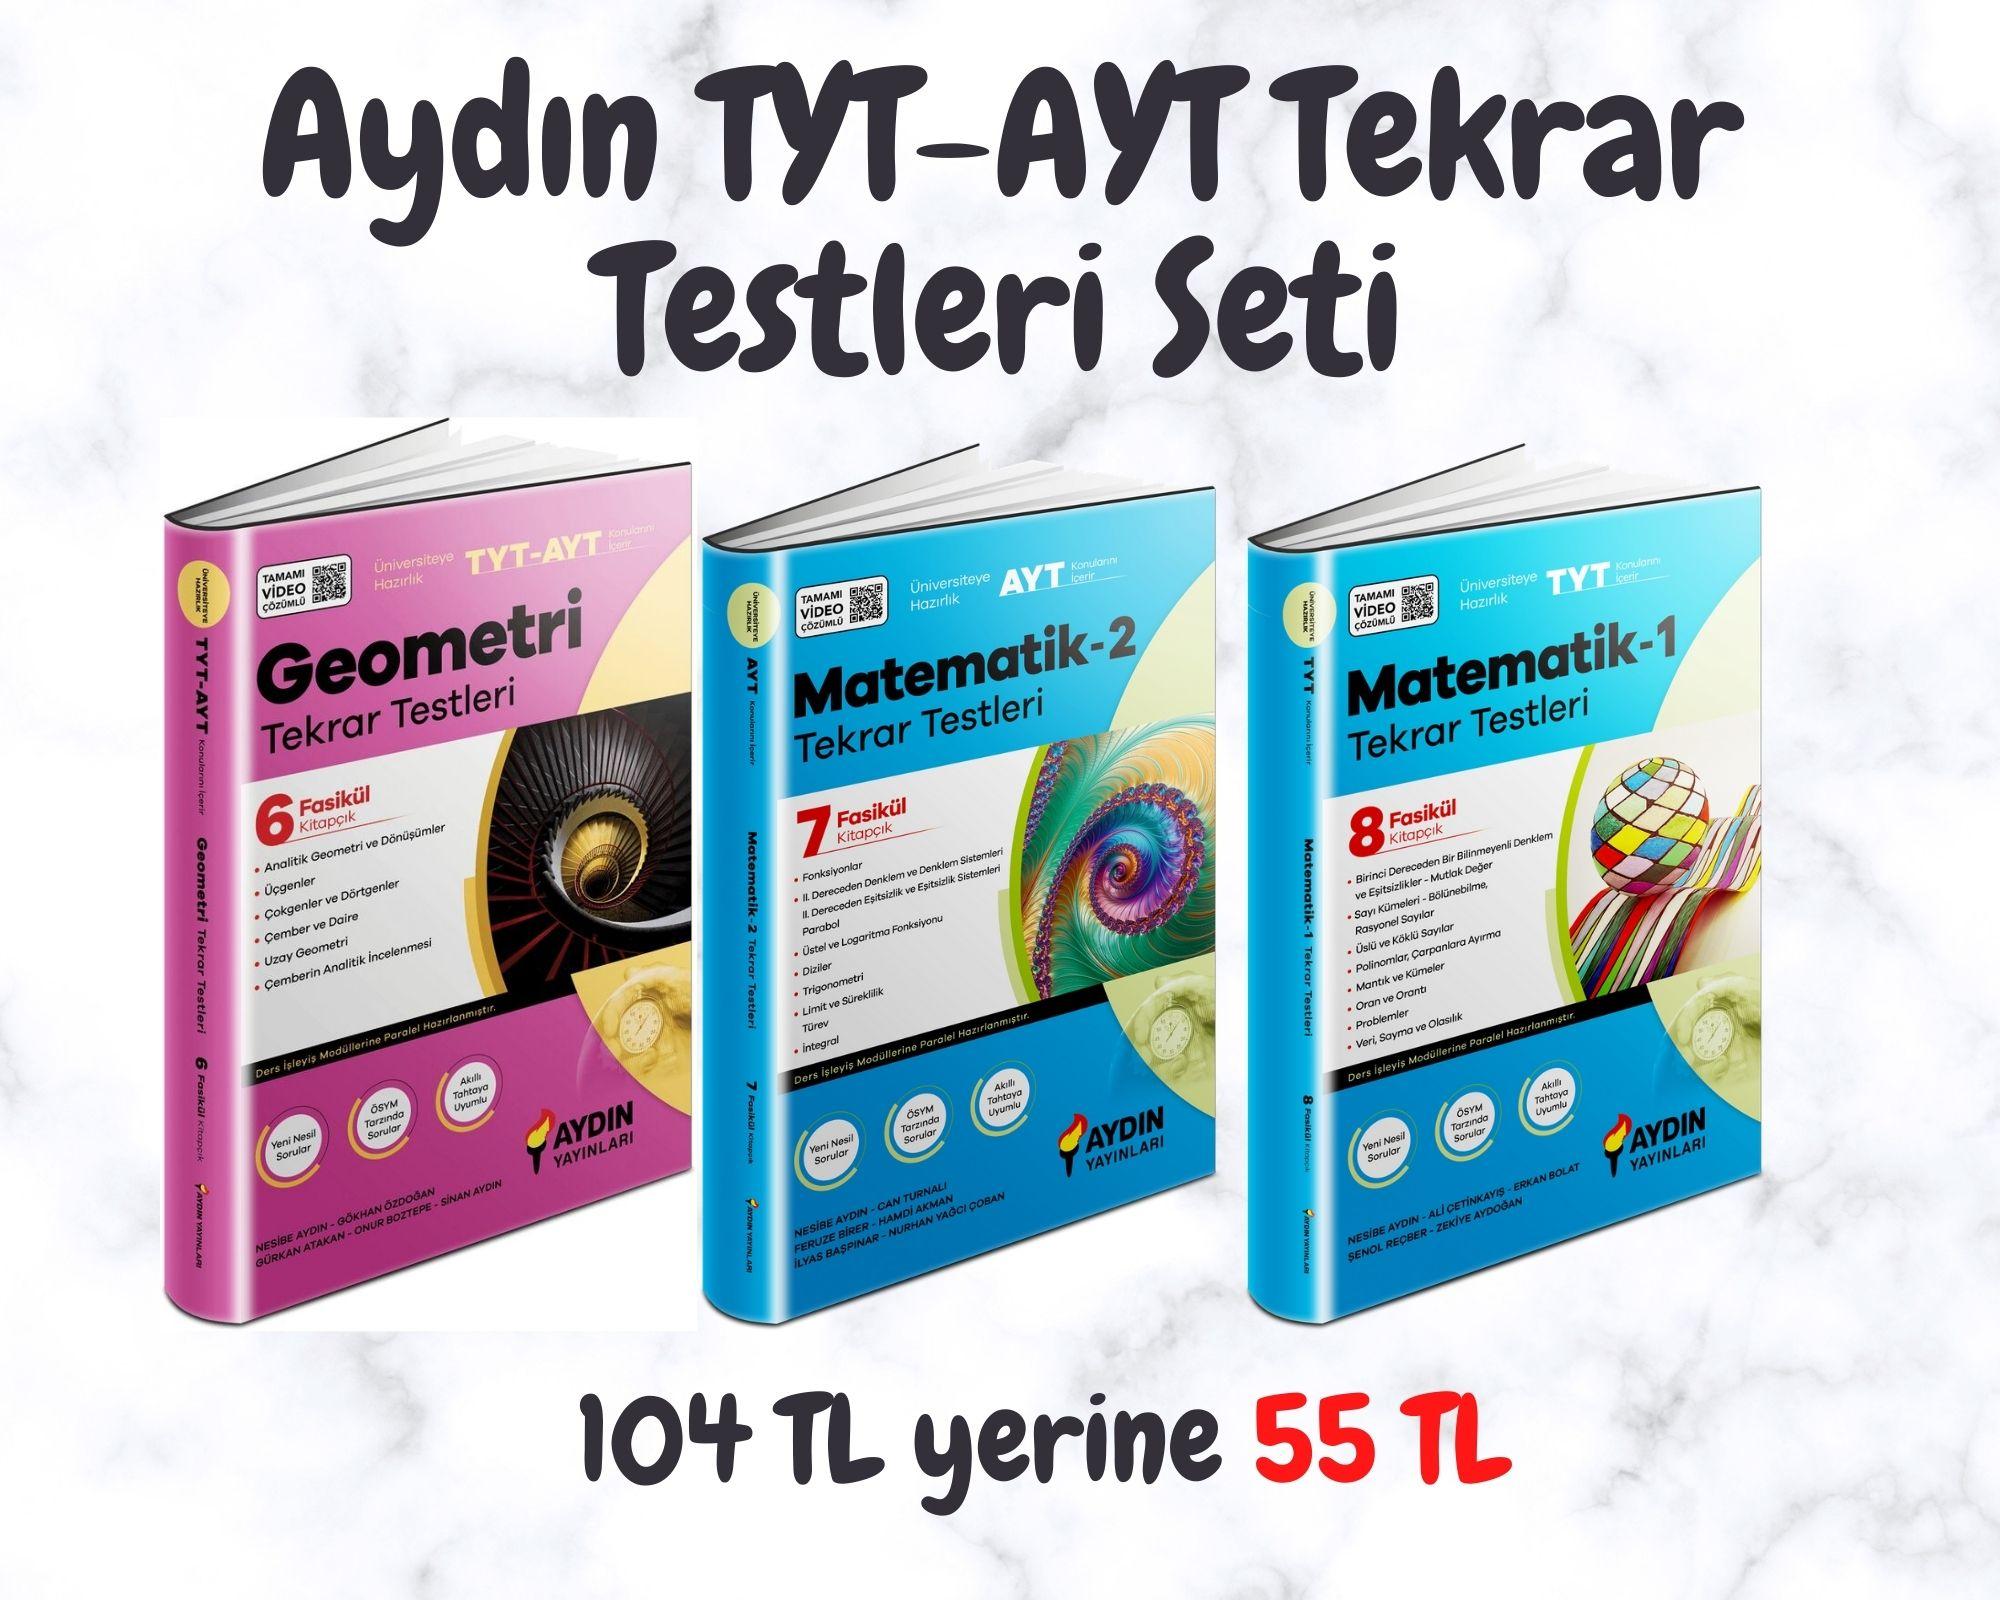 Aydın TYT-AYT Tekrar Testleri Seti